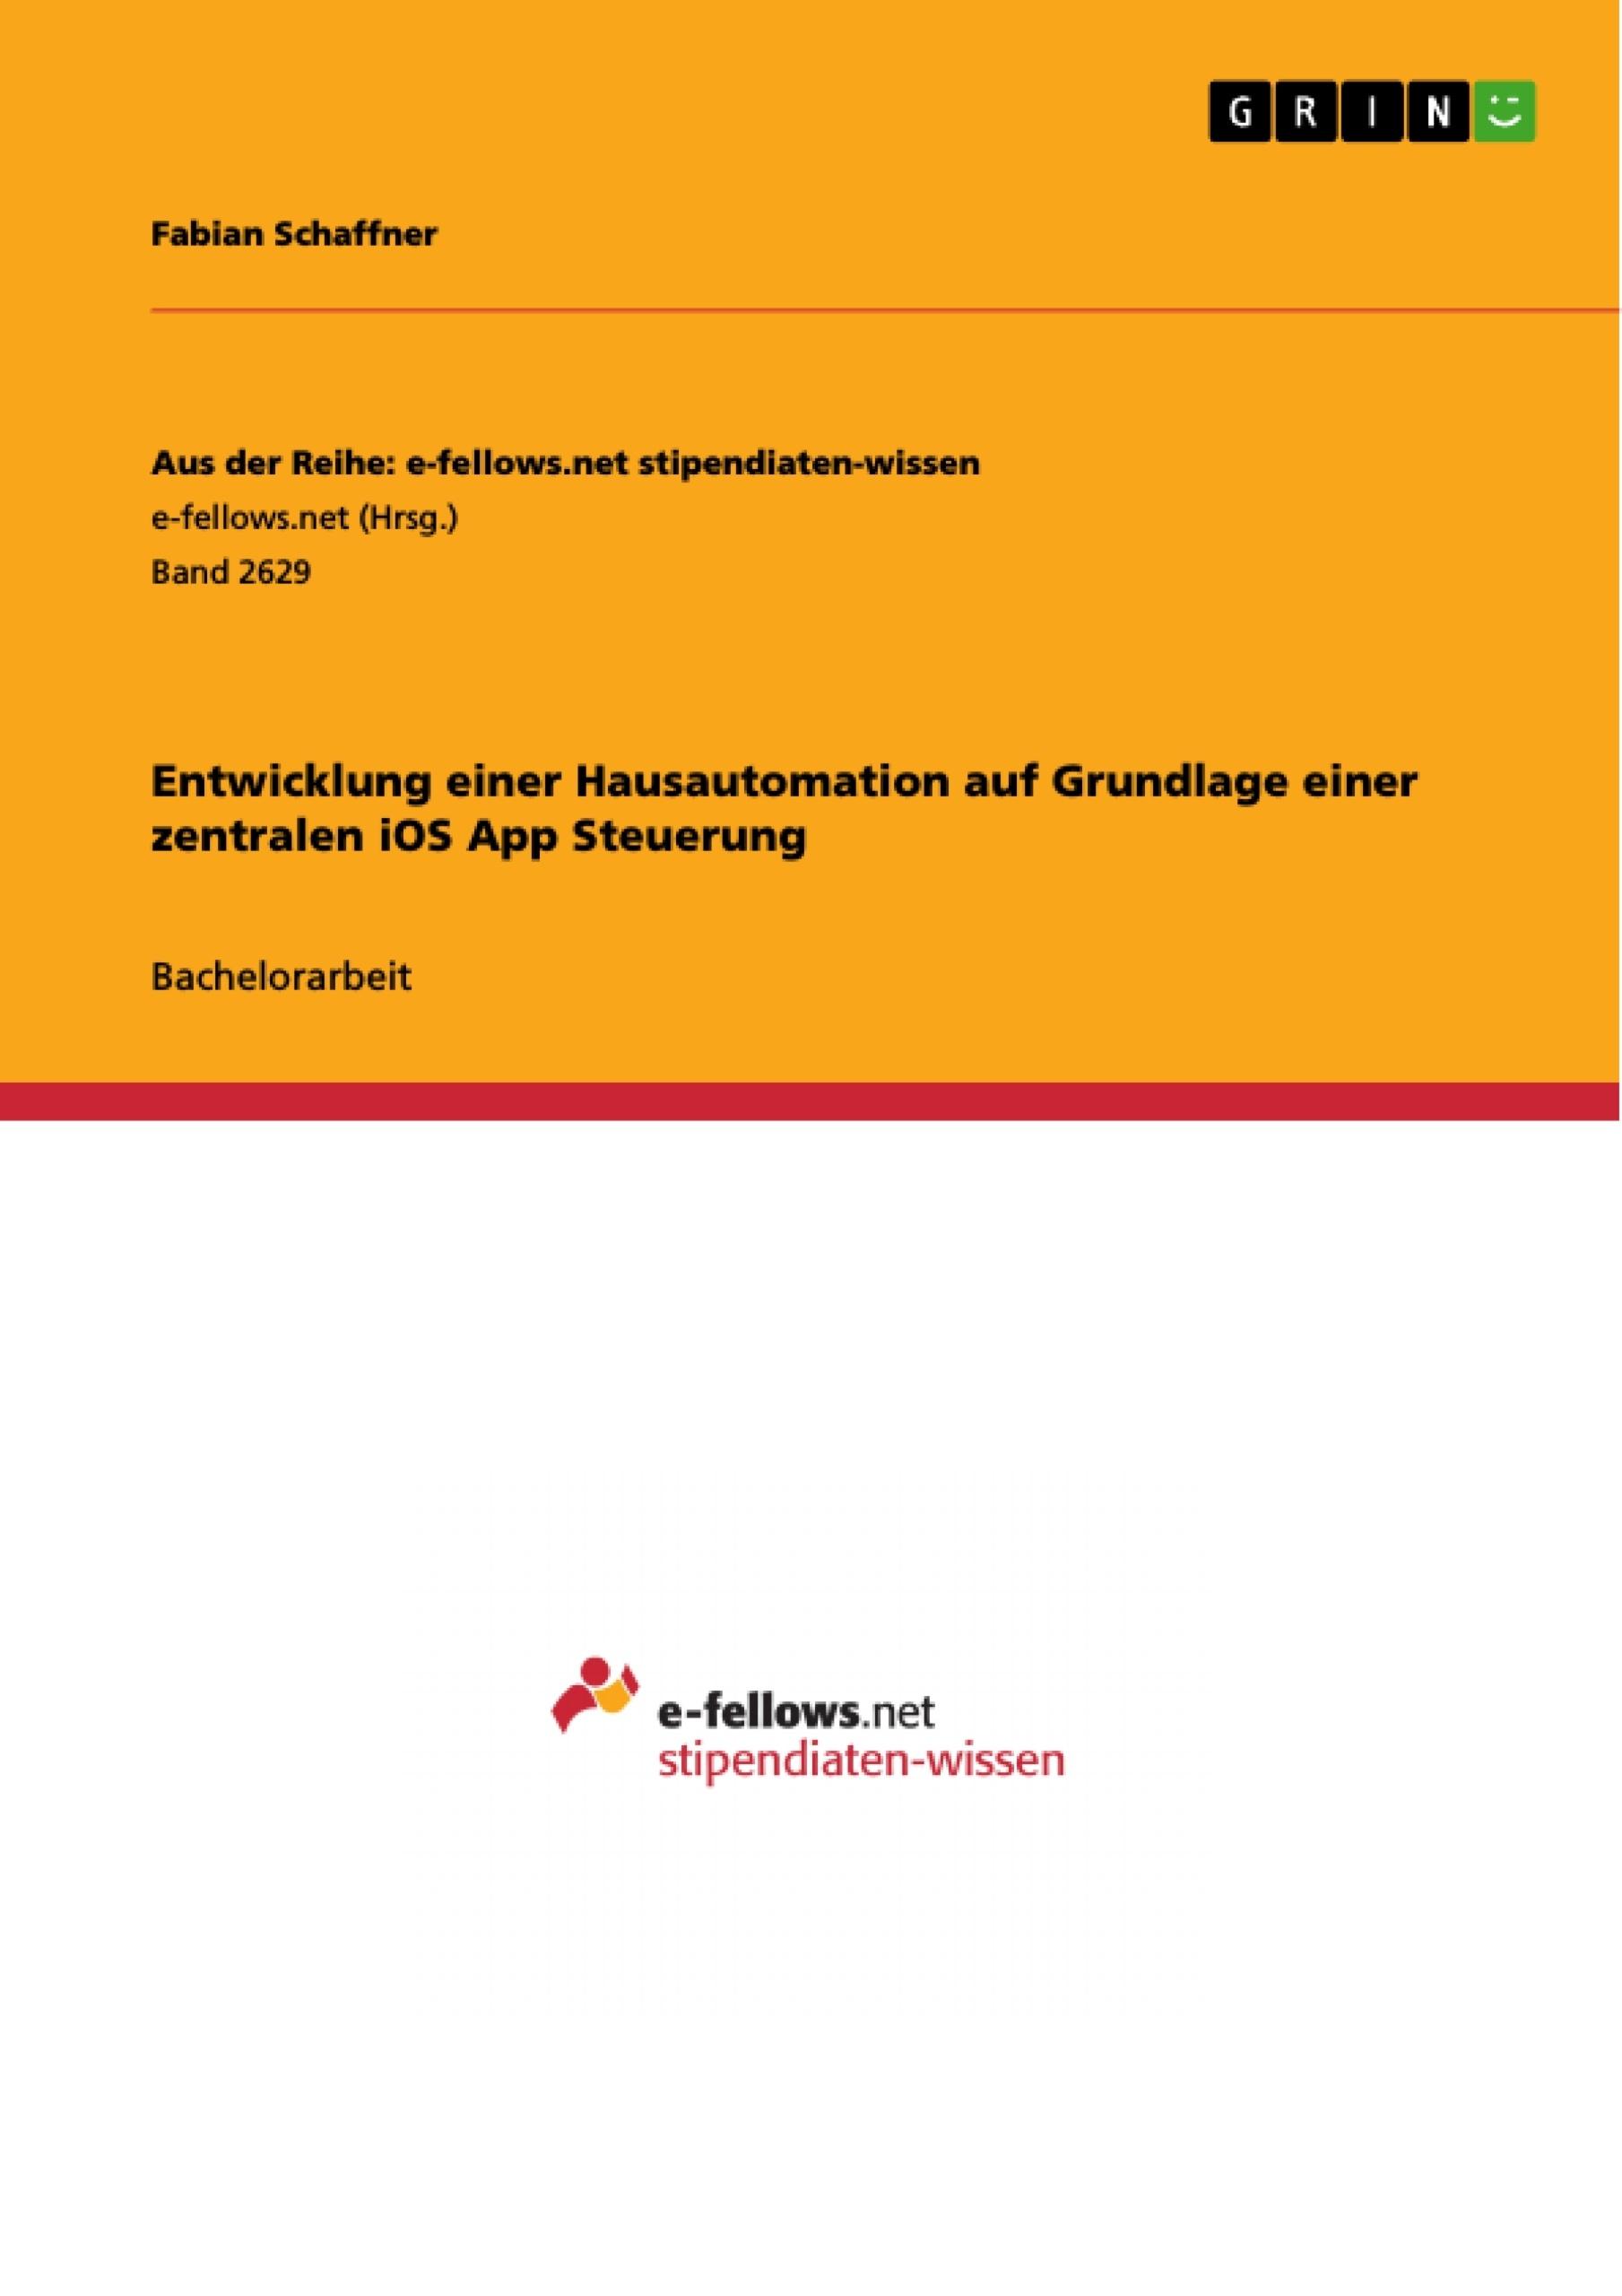 Titel: Entwicklung einer Hausautomation auf Grundlage einer zentralen iOS App Steuerung